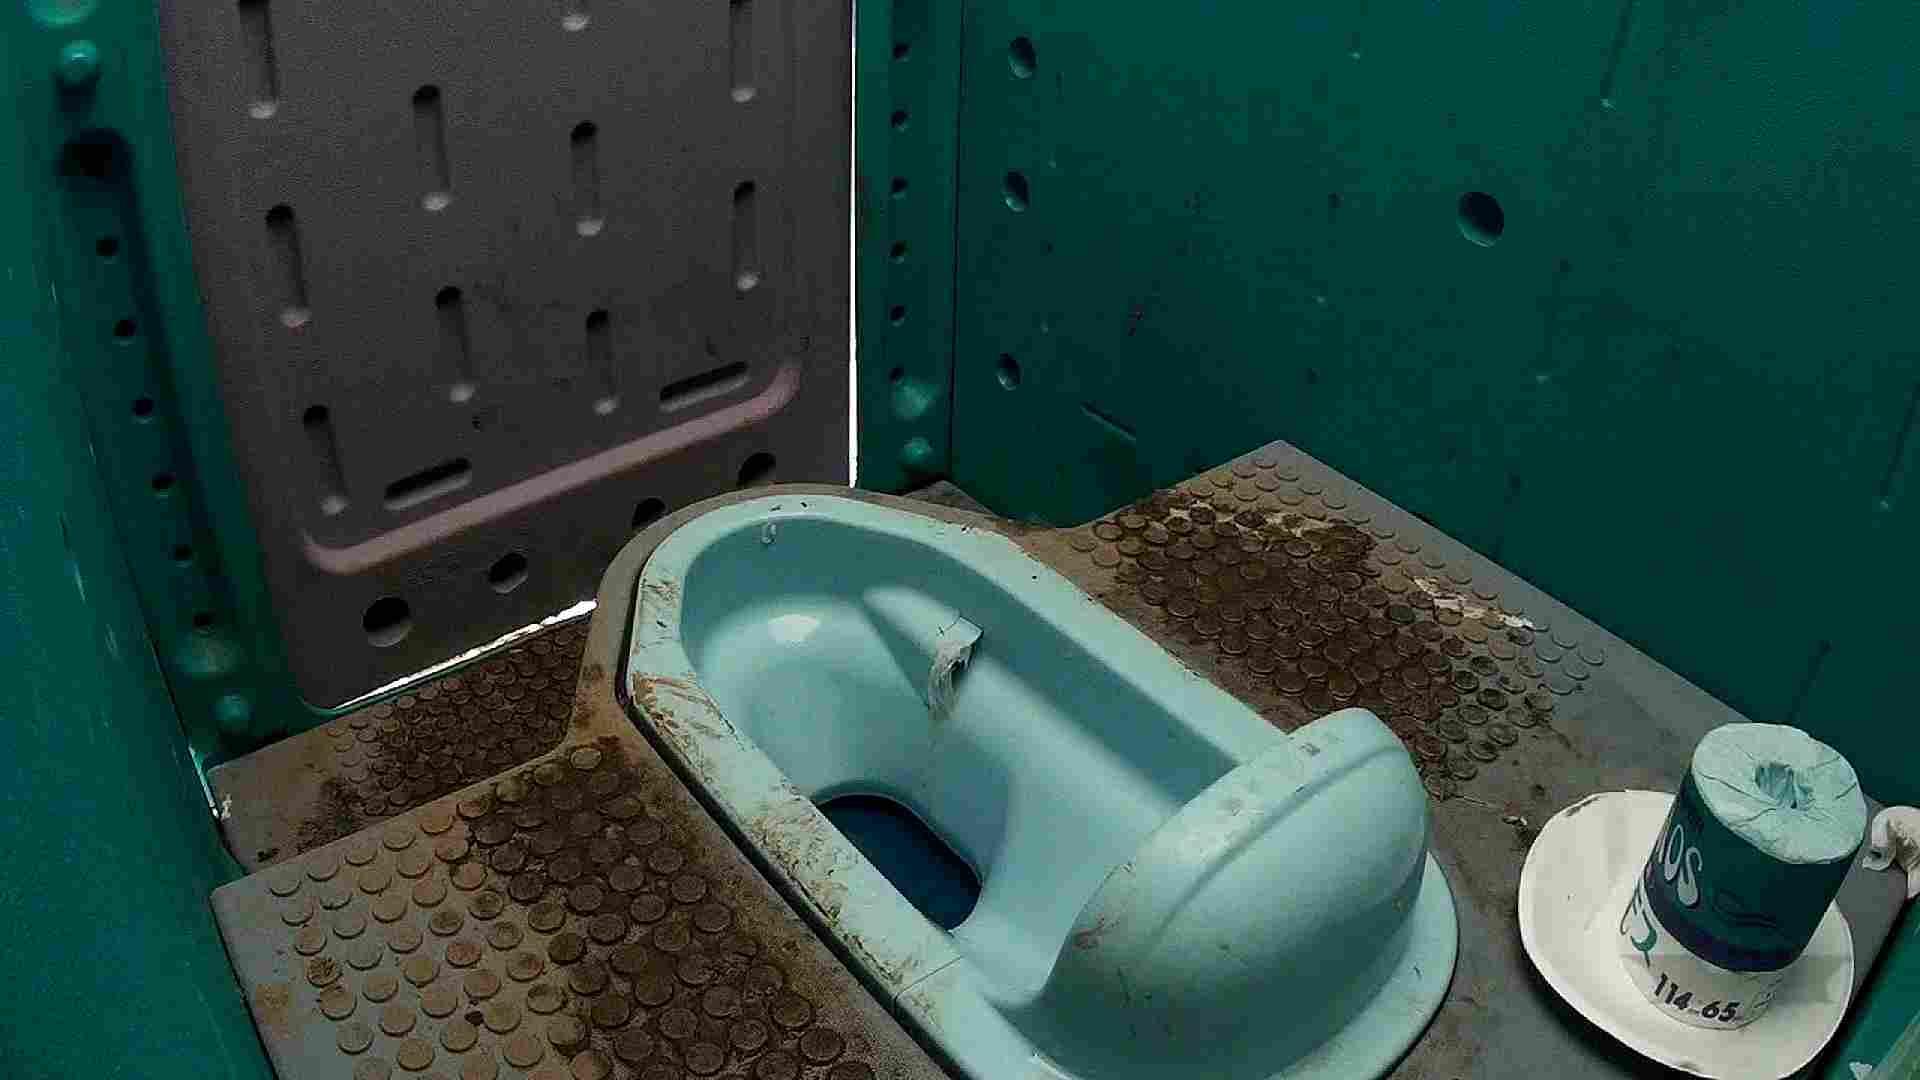 痴態洗面所 Vol.06 中が「マジヤバいヨネ!」洗面所 エッチすぎるOL達 | 洗面所  58連発 37